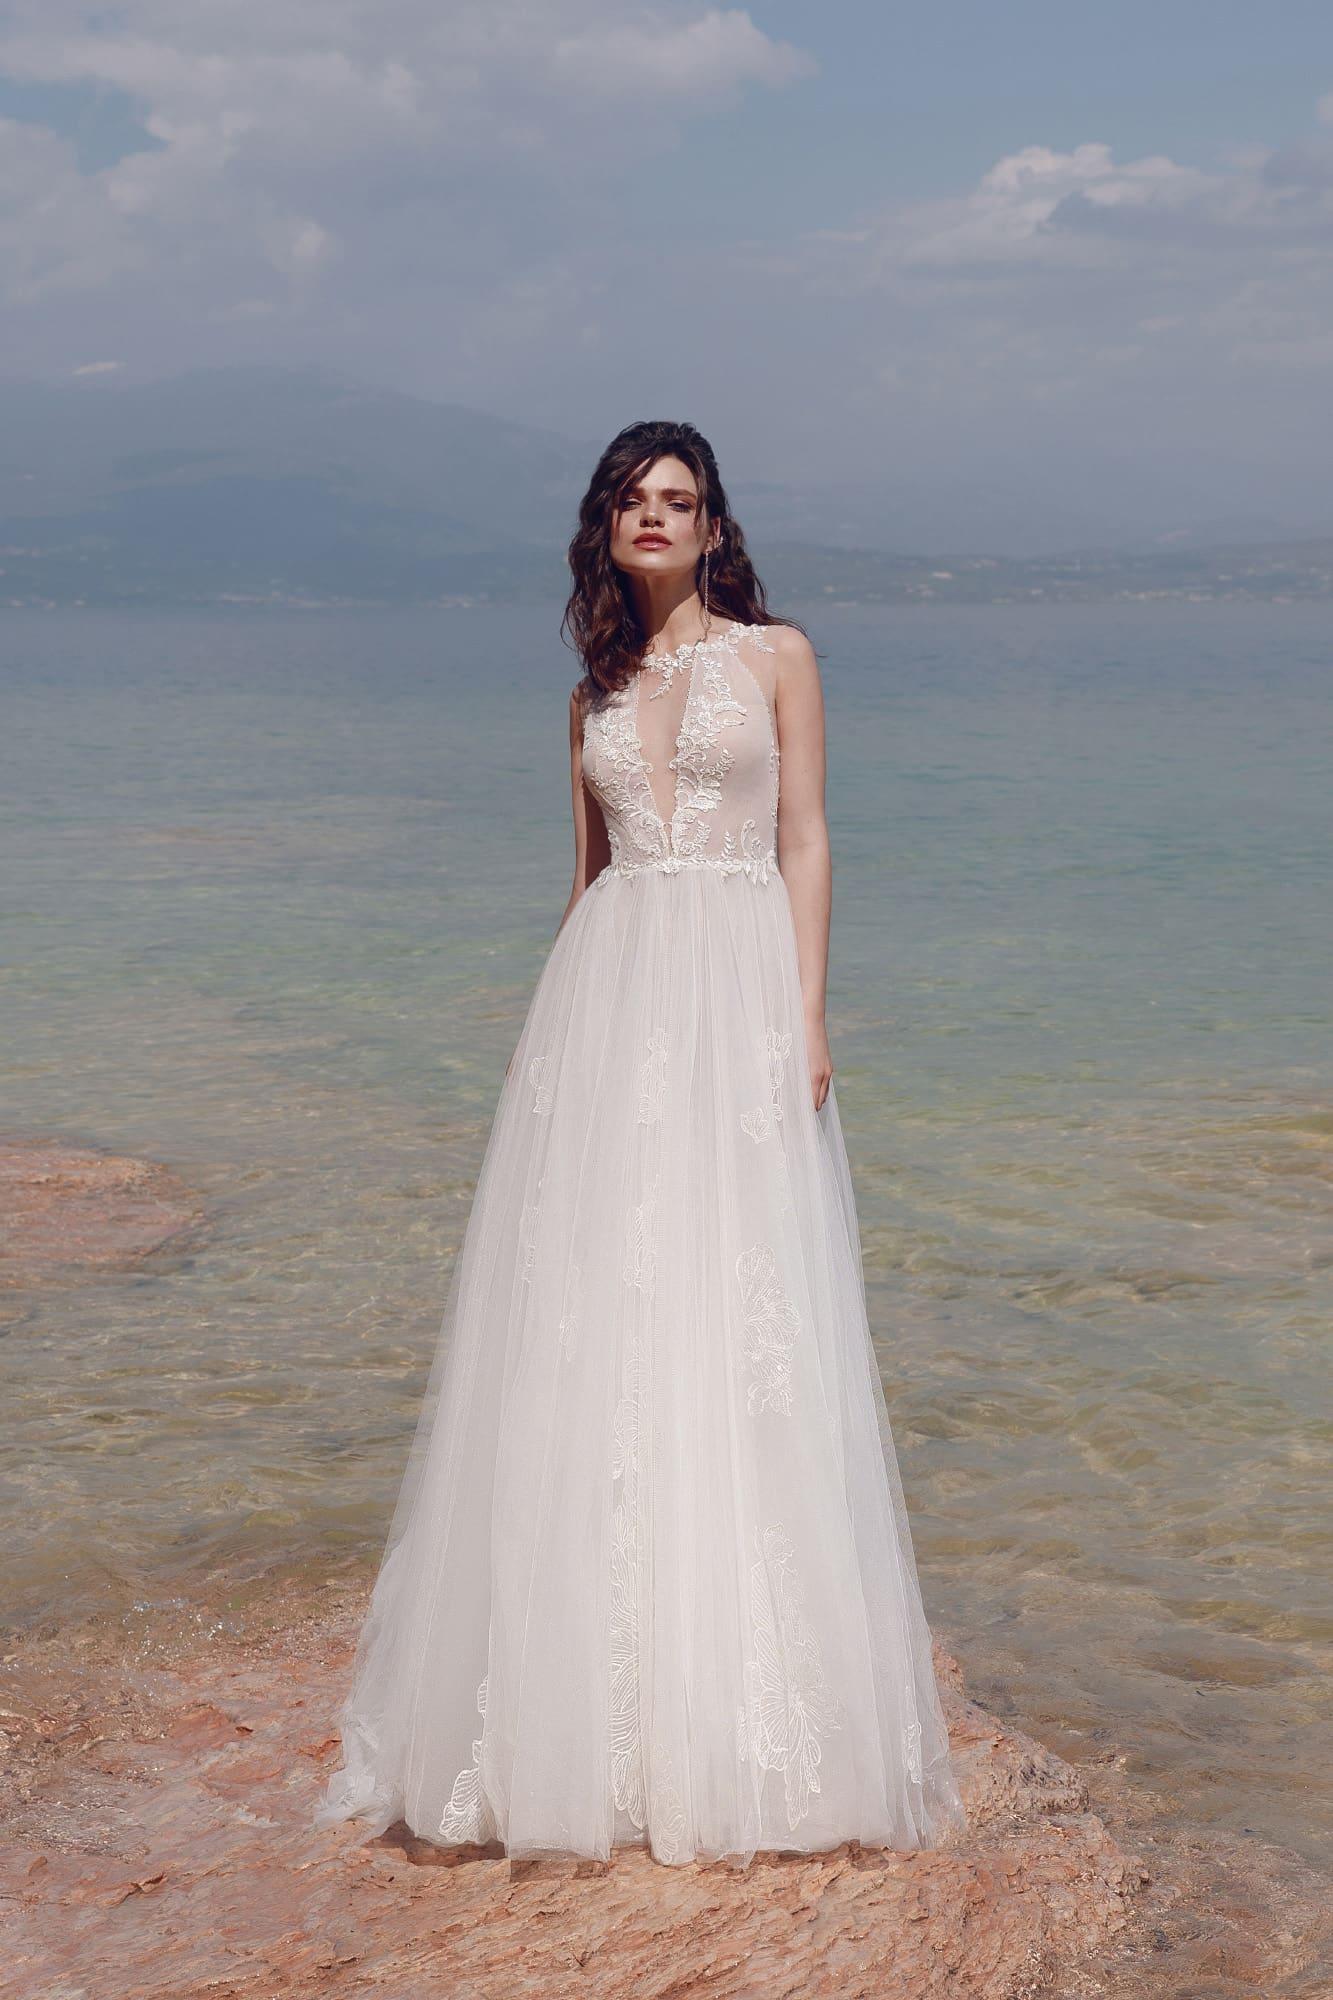 купить пляжное свадебное платье недорого